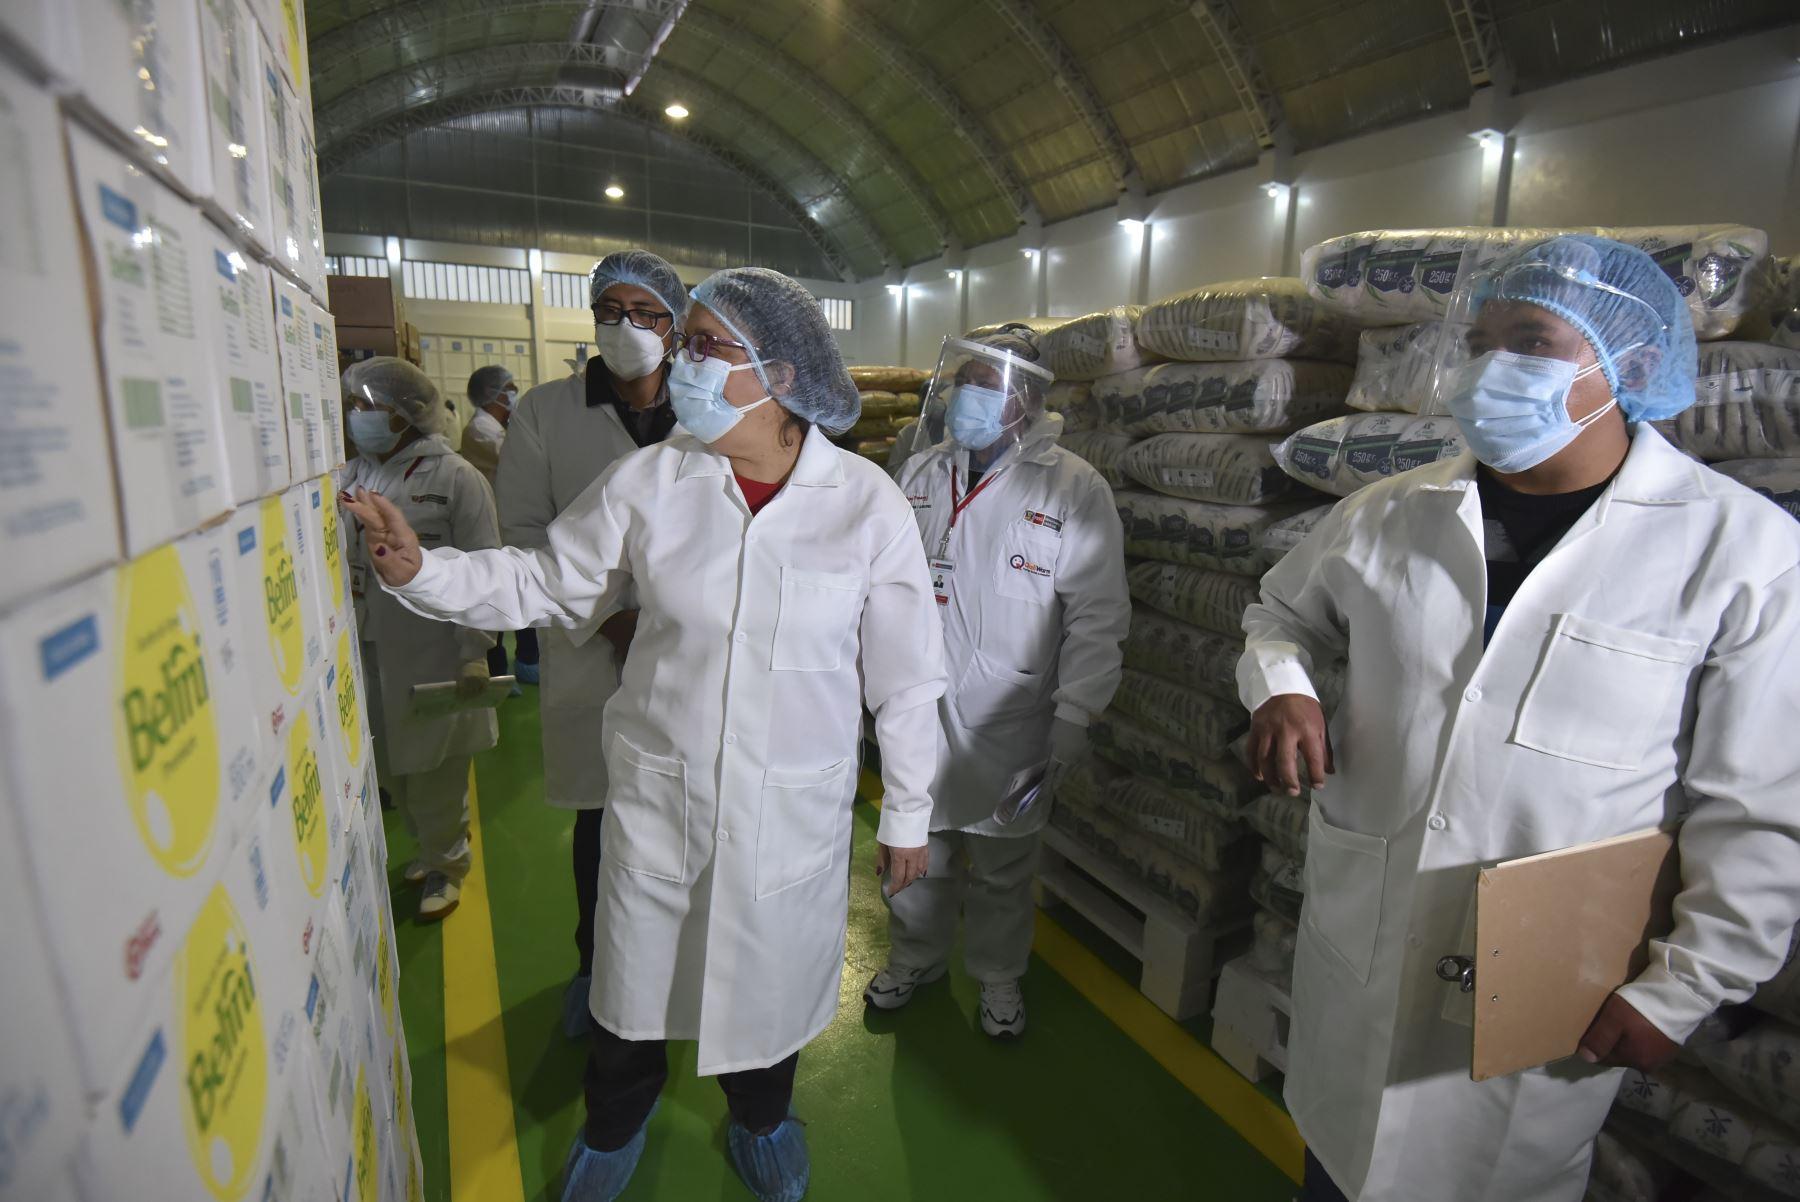 Ministra de Inclusión Social supervisó en la región Puno almacenamiento de alimentos de Qali Warma para el servicio alimentario escolar. Además, verificó el funcionamiento de otros programas sociales. Foto: ANDINA/MIDIS